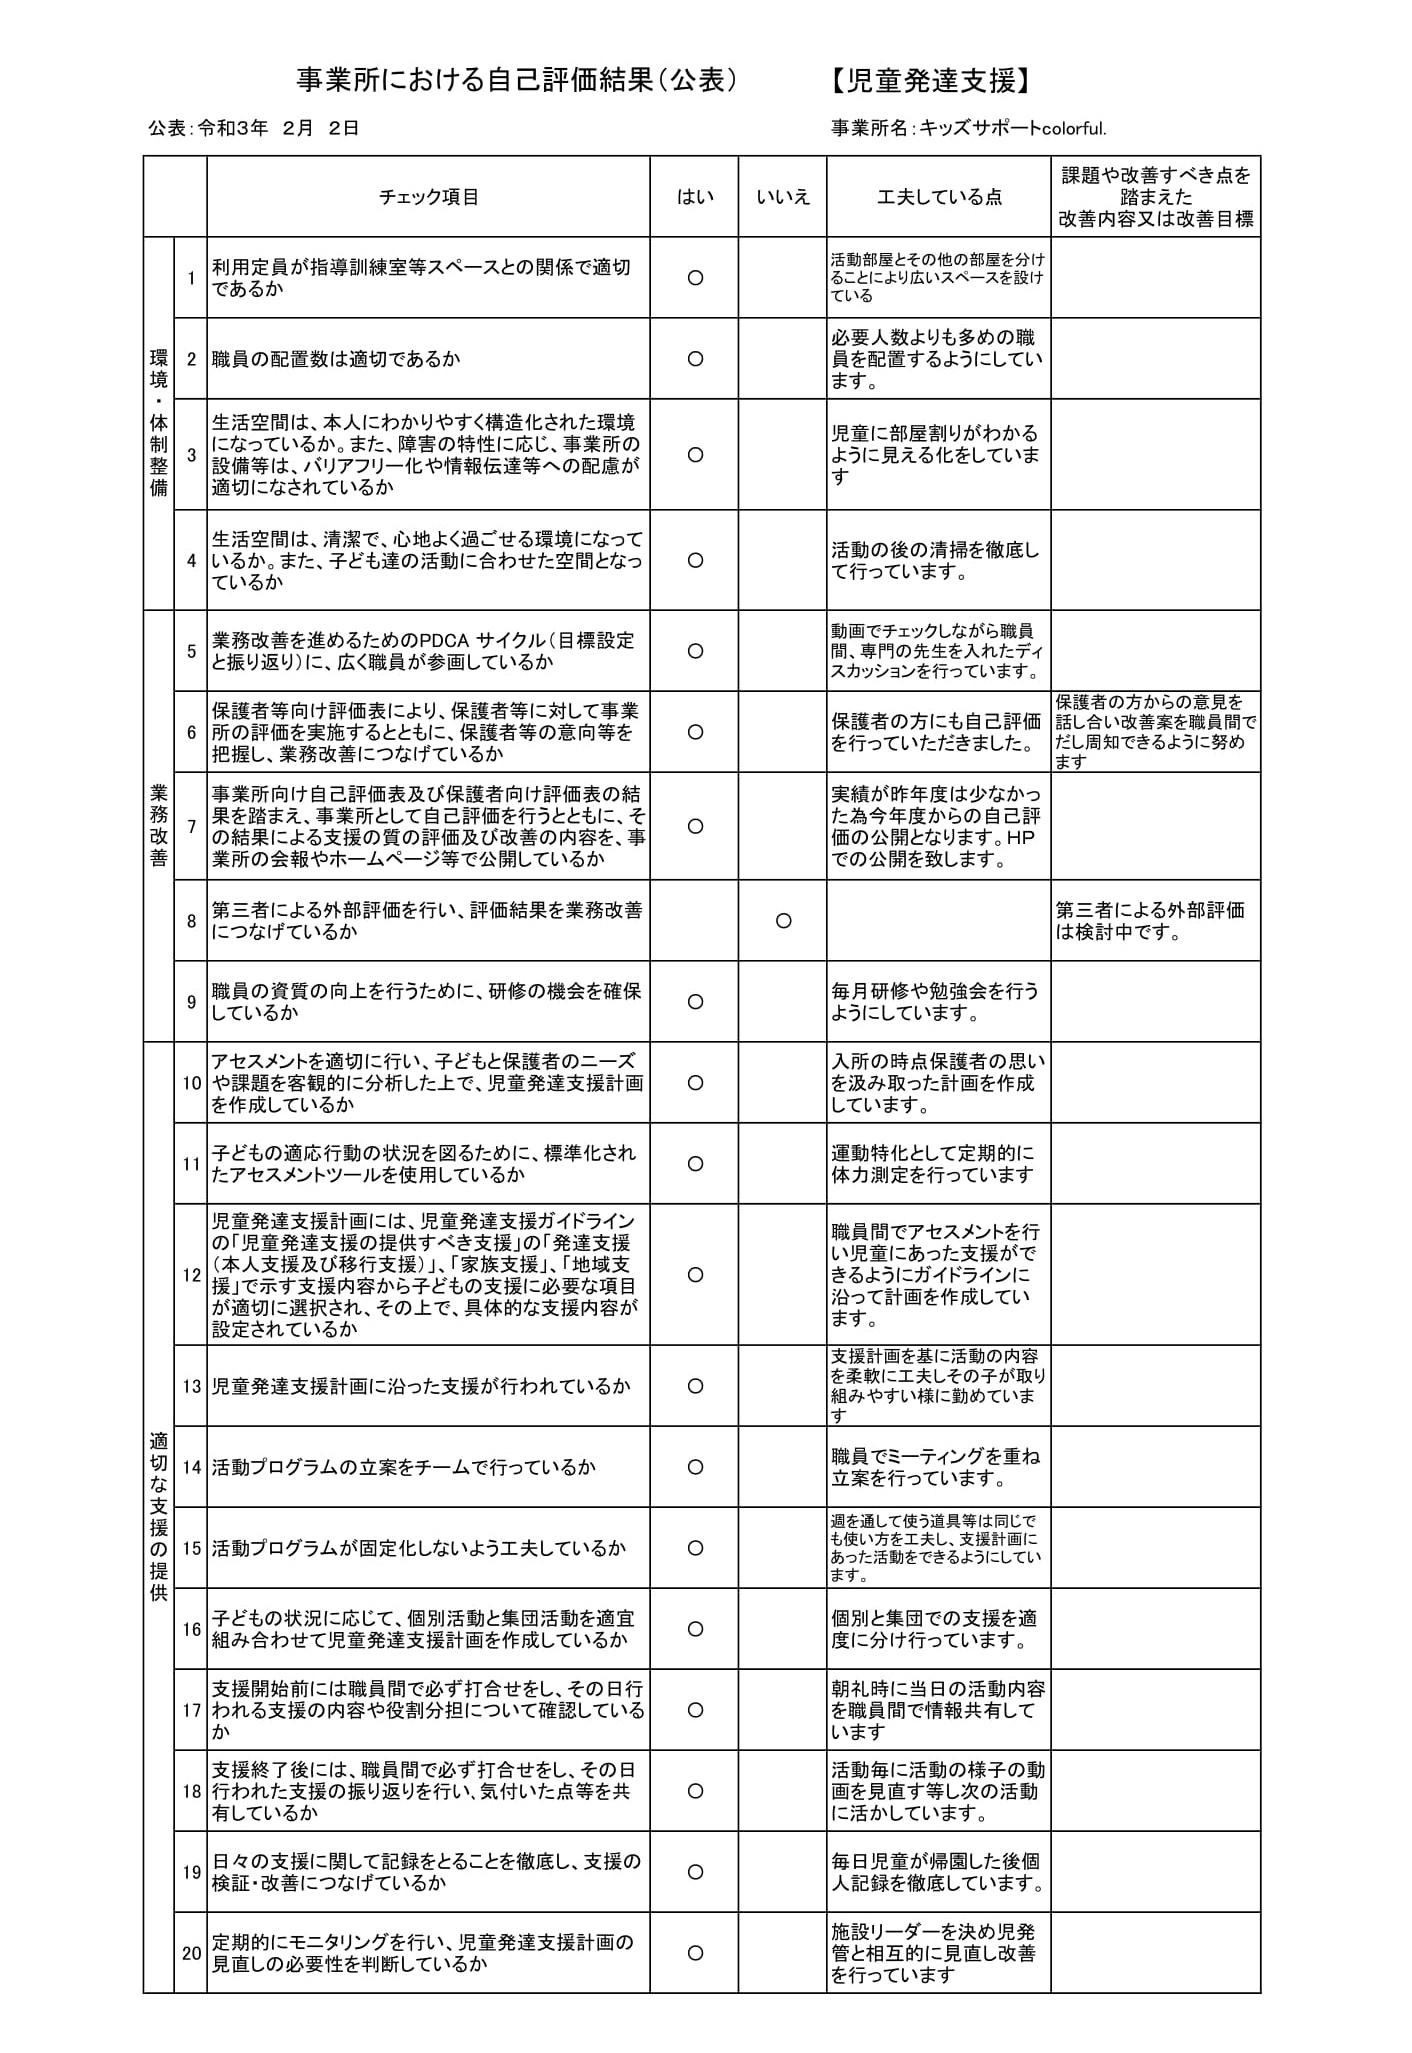 【児童発達支援】事業所における自己評価結果colorful-1